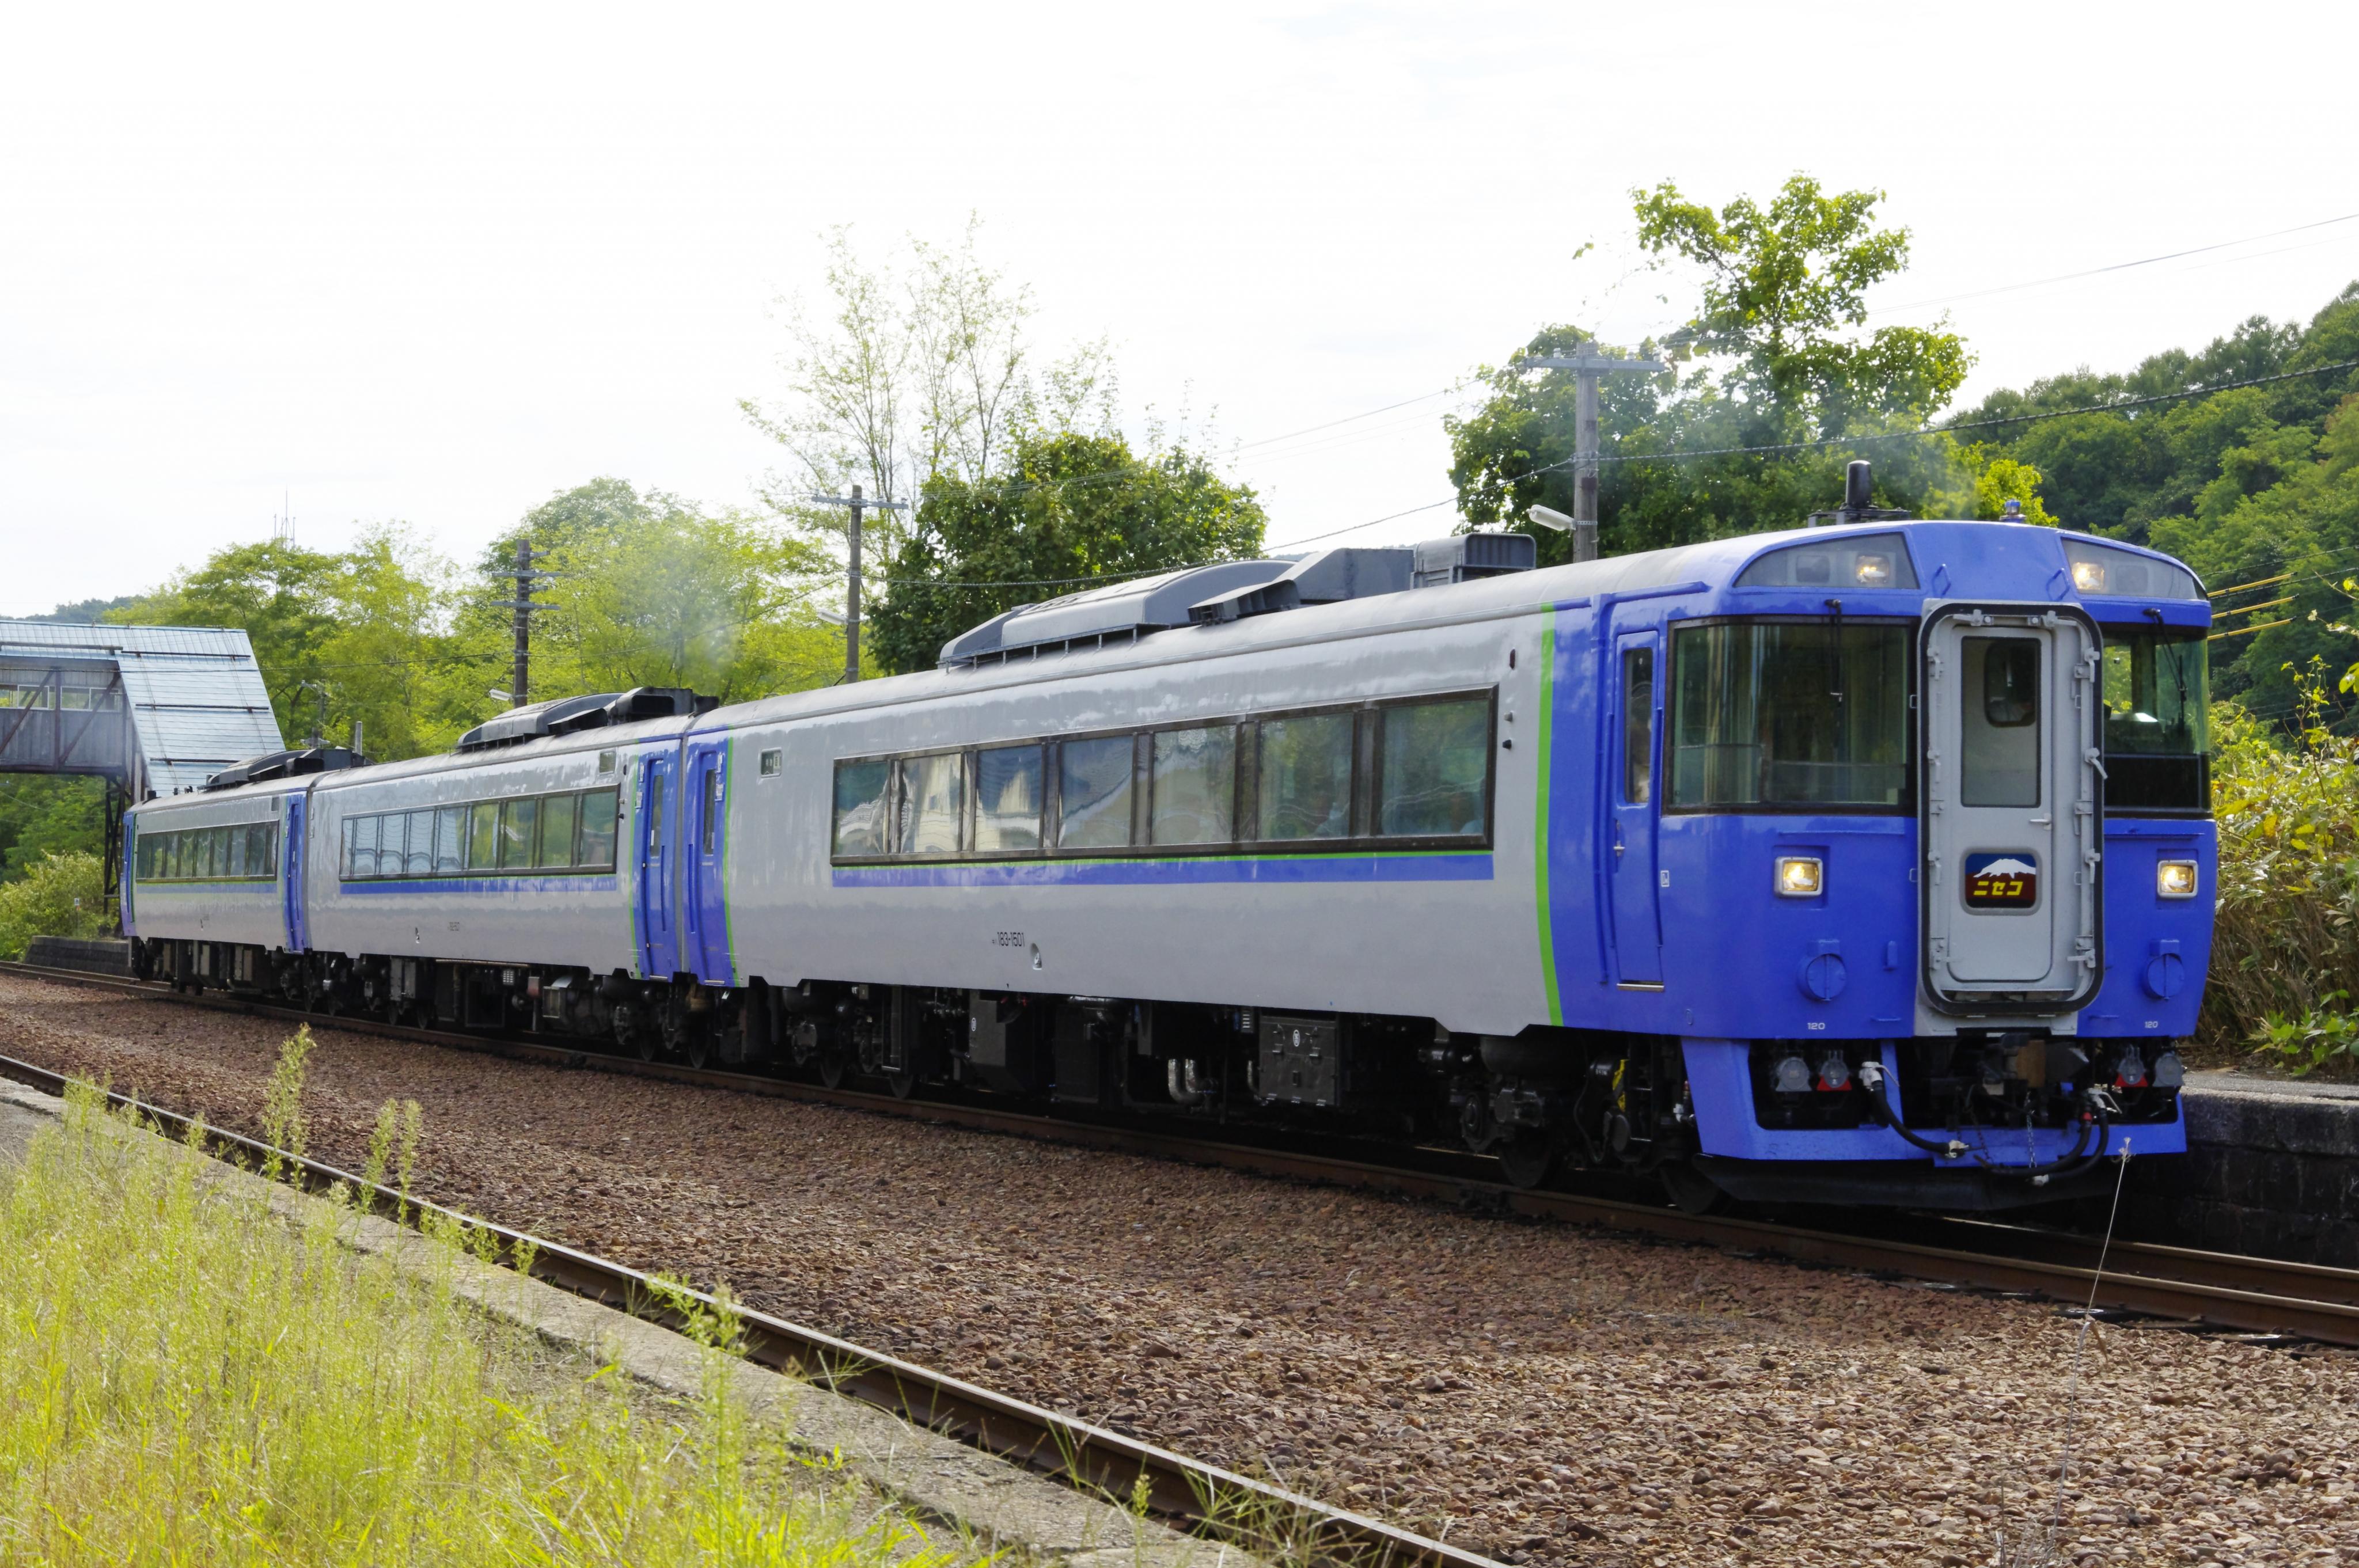 キハ183 特急ニセコ号 蘭島駅 190805.jpg